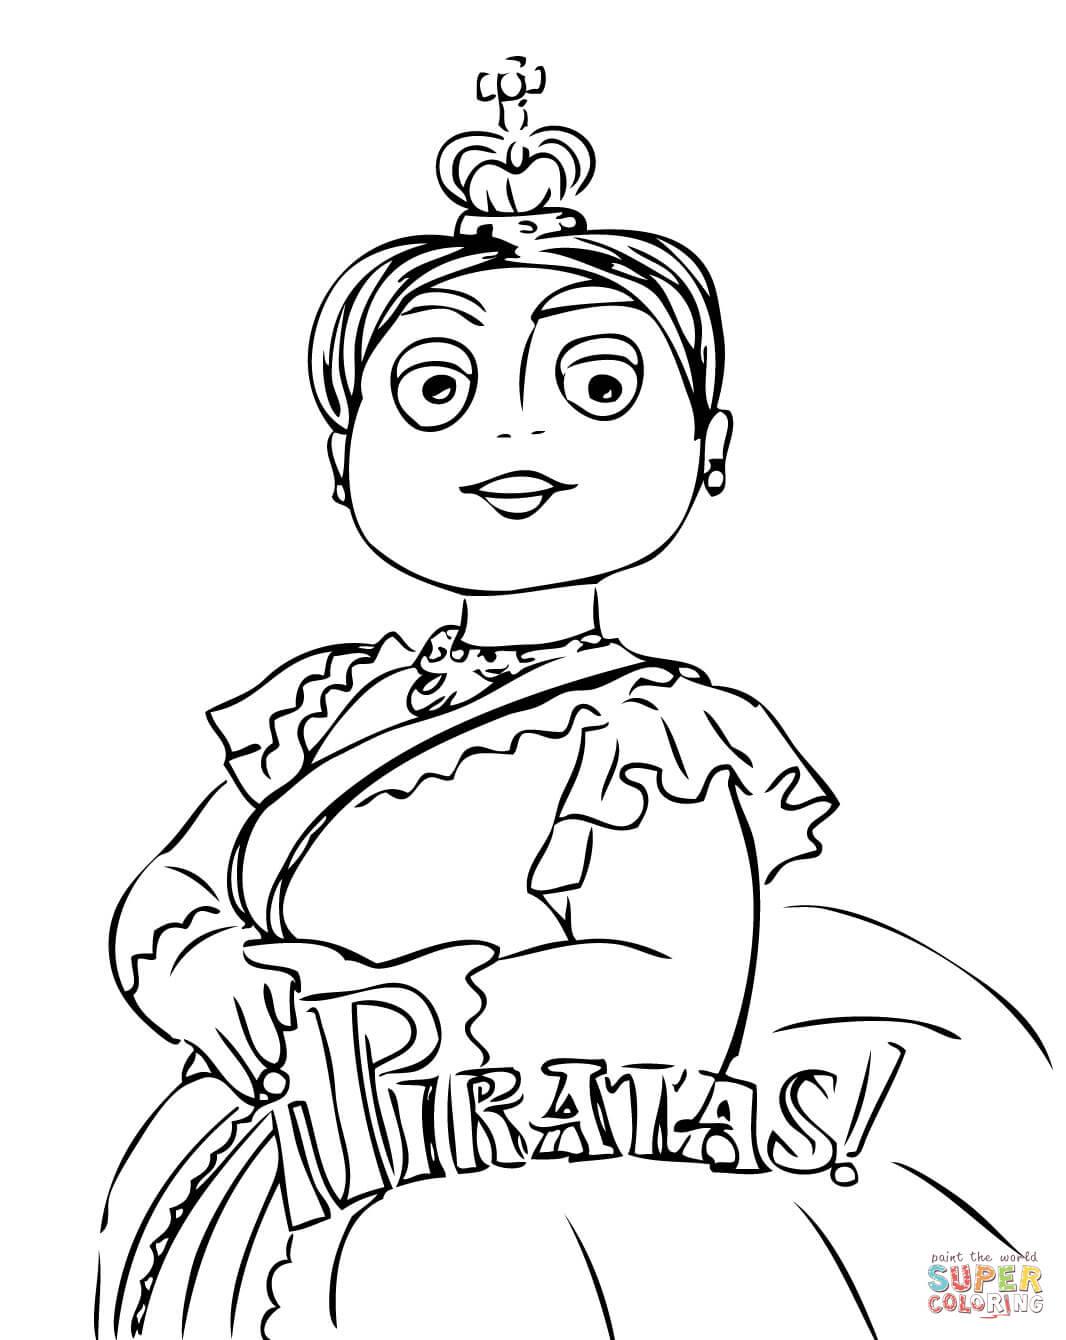 Queen Victoria Coloring Page